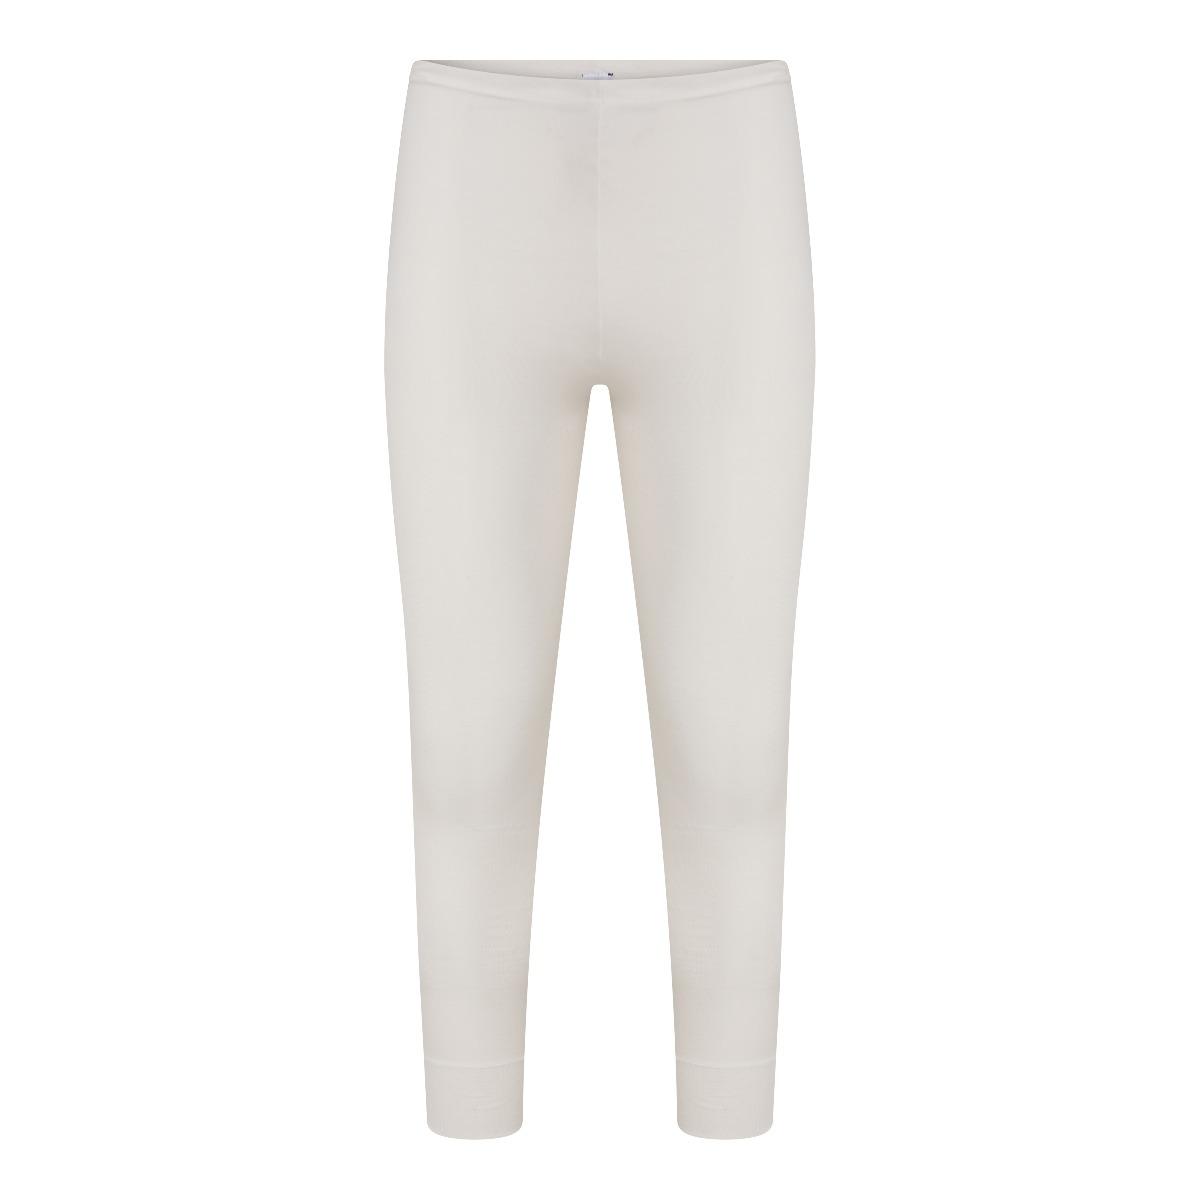 Beeren Thermo Unisex Pantalon Wolwit S